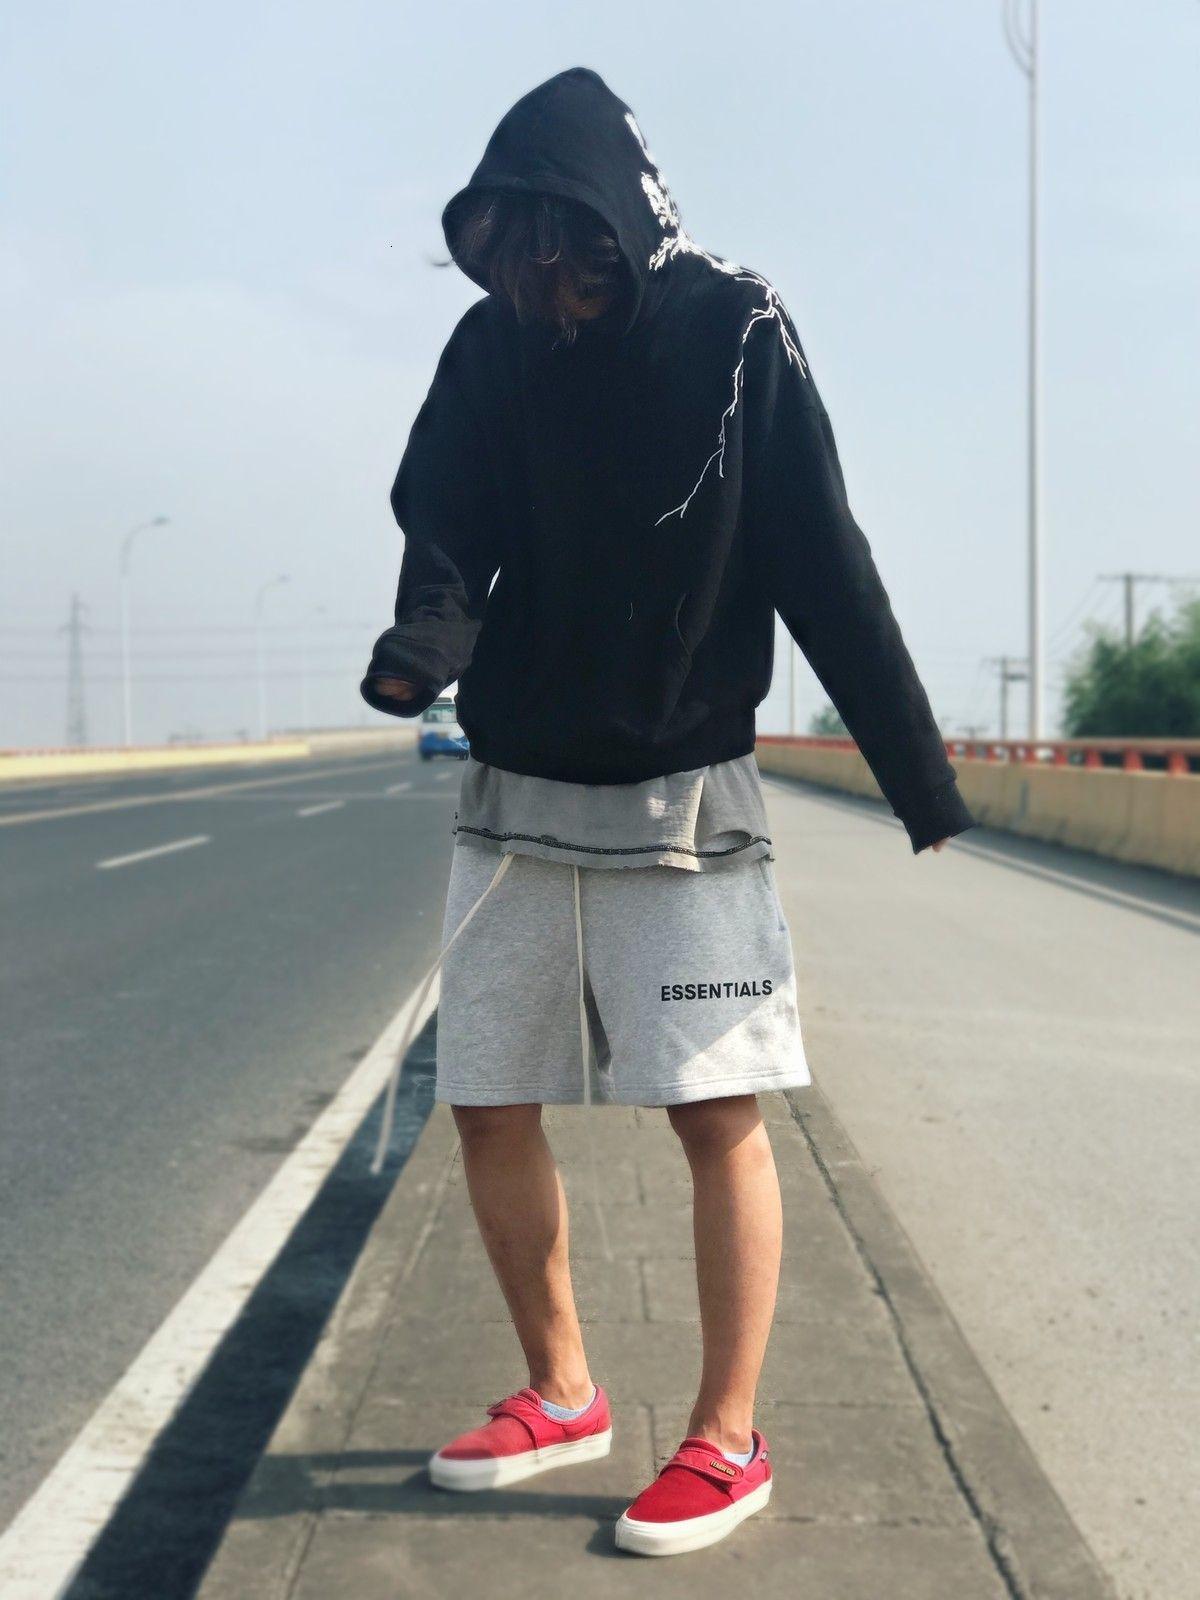 Пятый туман проверял модную улицу Свободные Мужские JNPGP Брюки Высокие Шорты Бога и Сущности Повседневные Шорты Страх LTwih